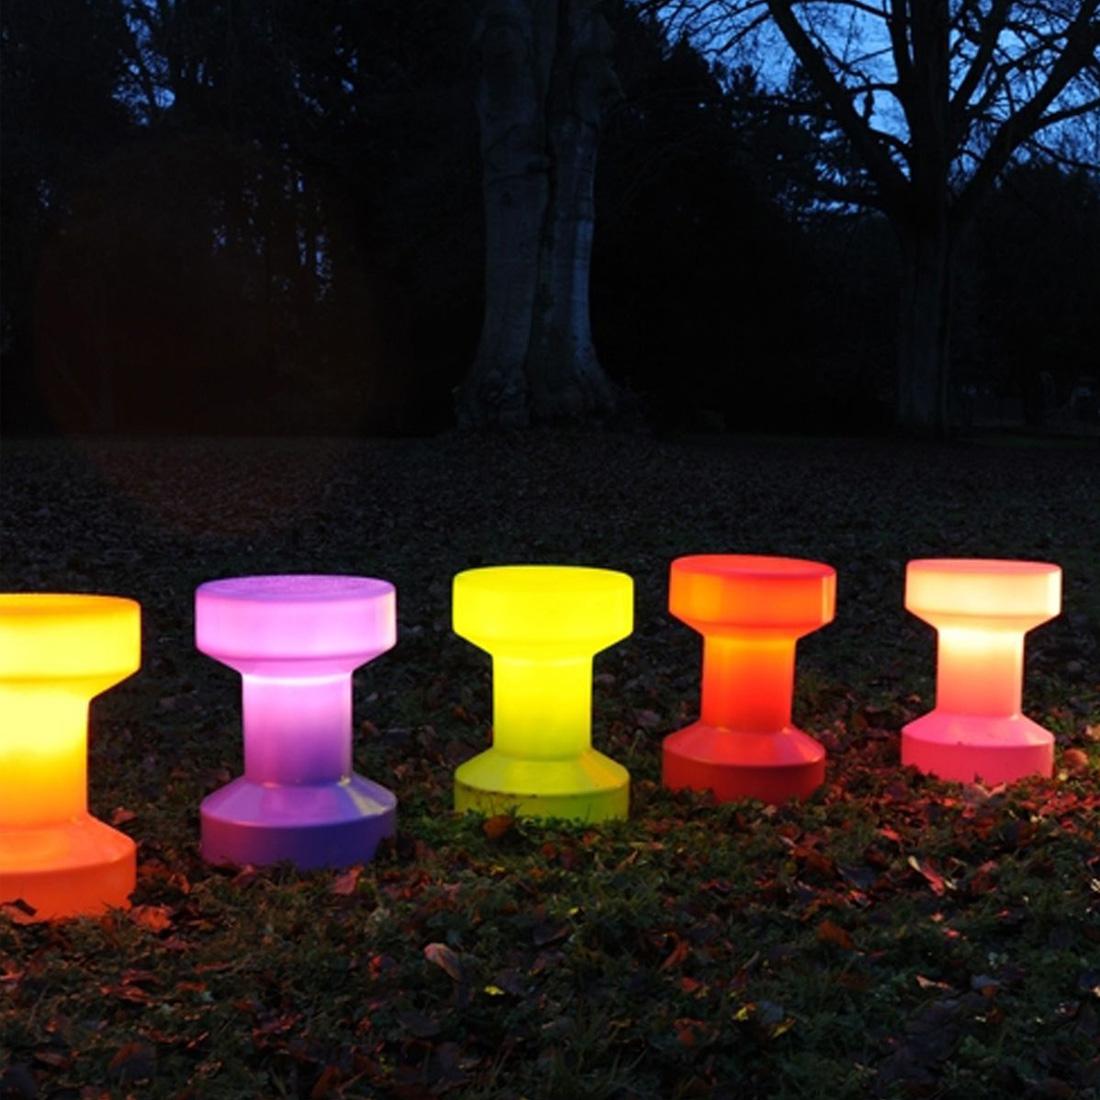 Le Mobilier Lumineux Pour Illuminer La D Co D Co Maison